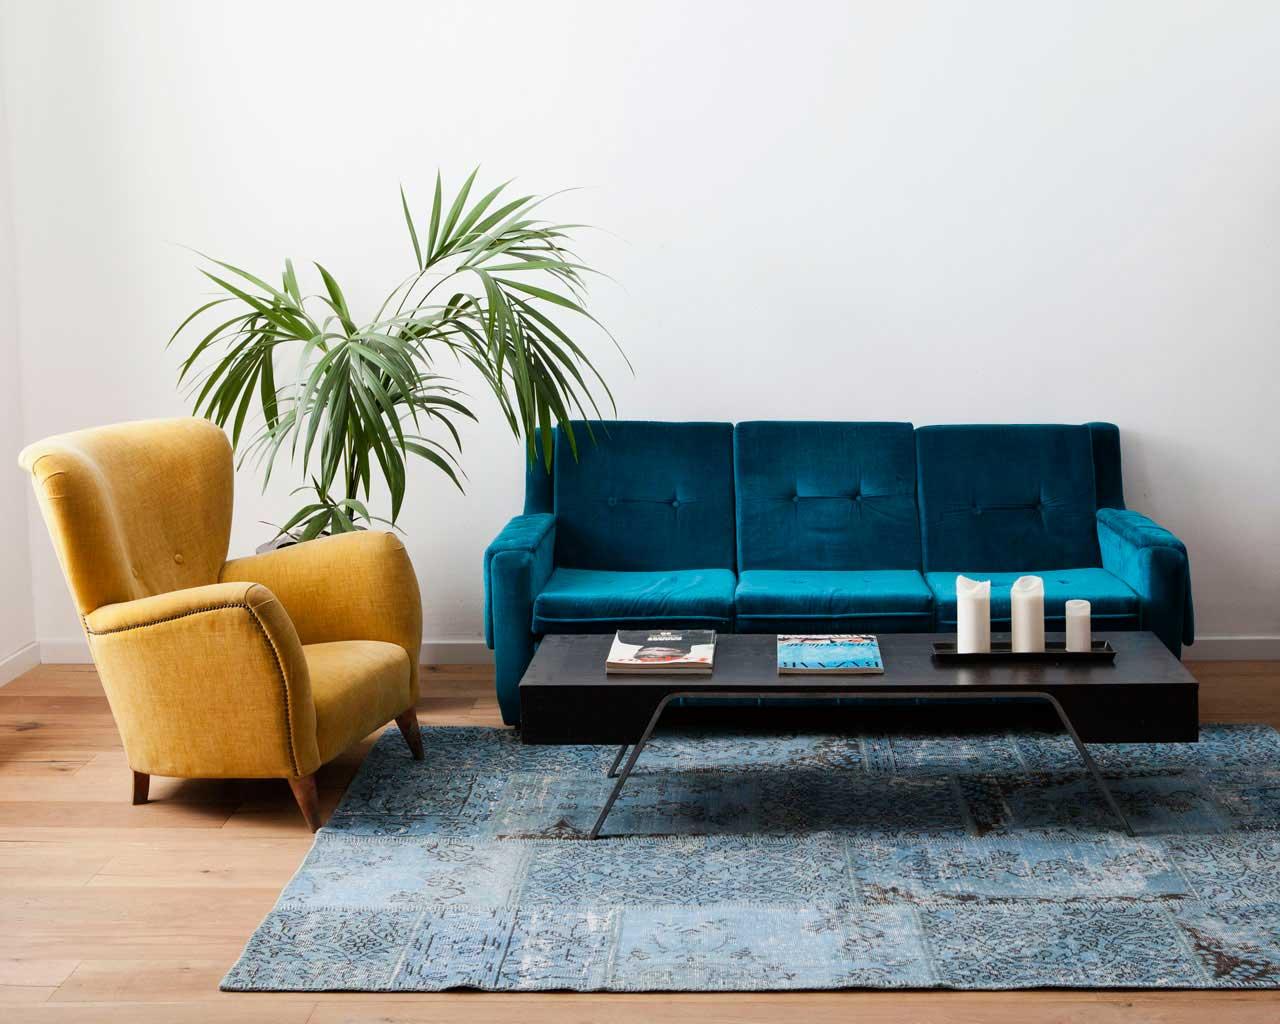 alfombras_interiors_web_052 (1)